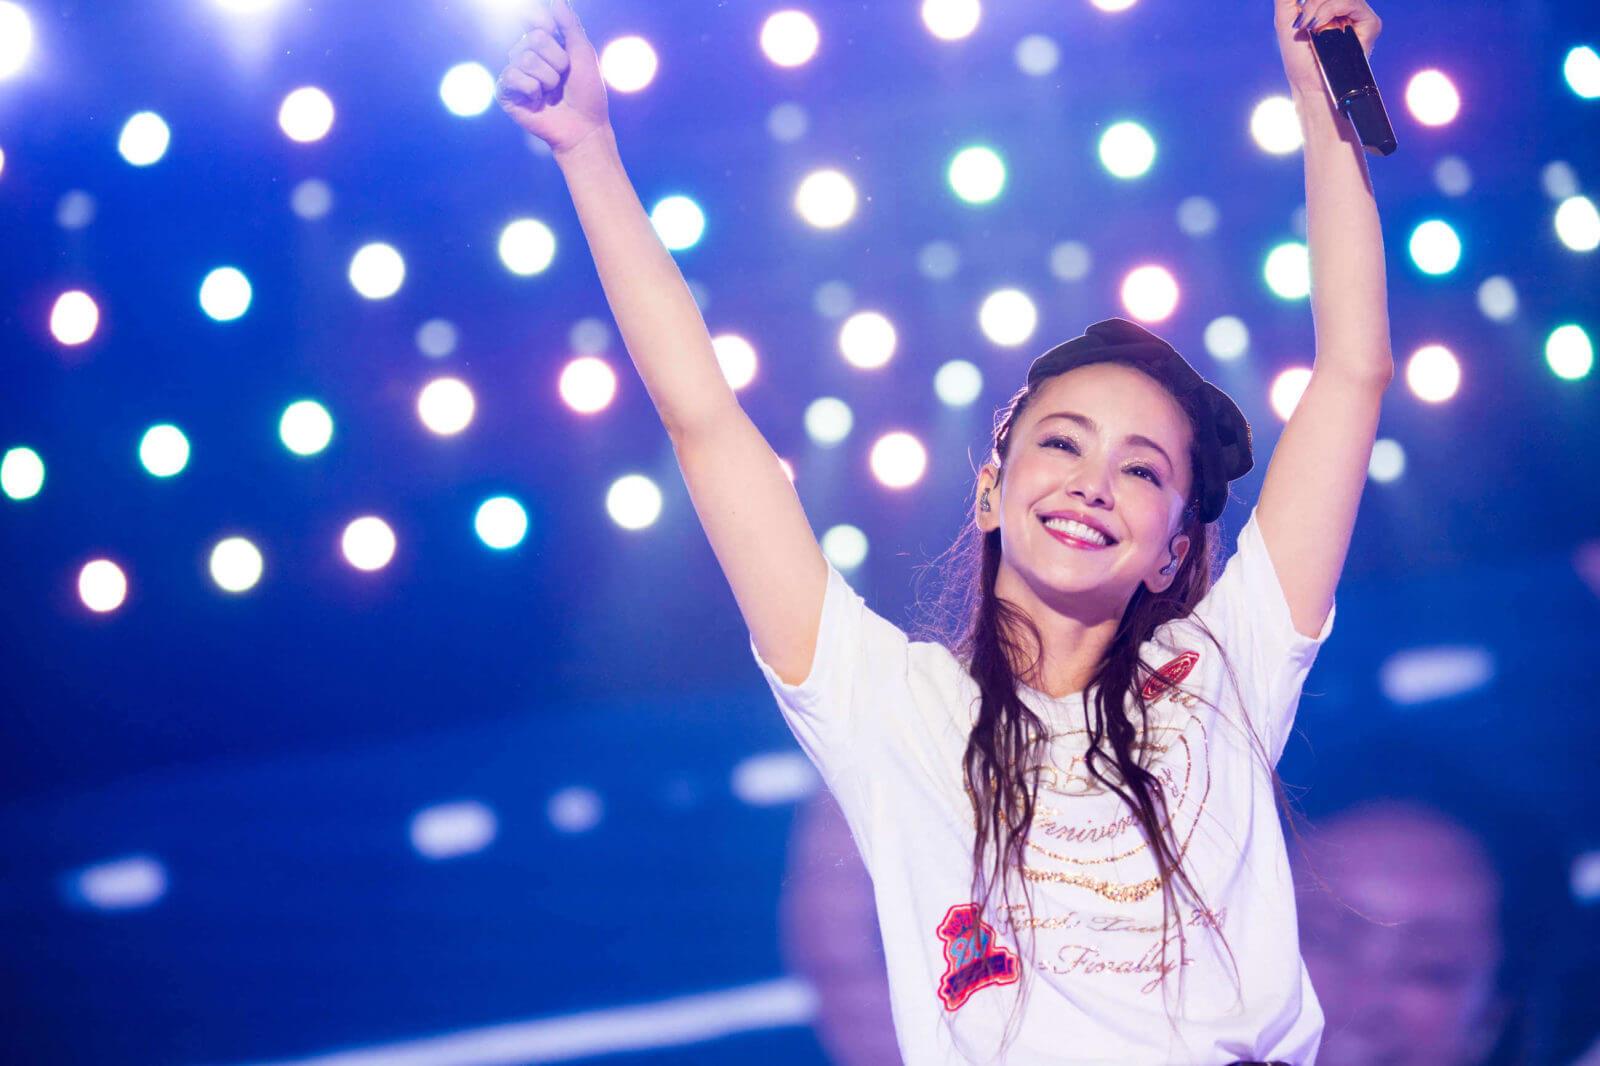 安室奈美恵との共演裏話をイモトアヤコが披露「1人でこもって…」サムネイル画像